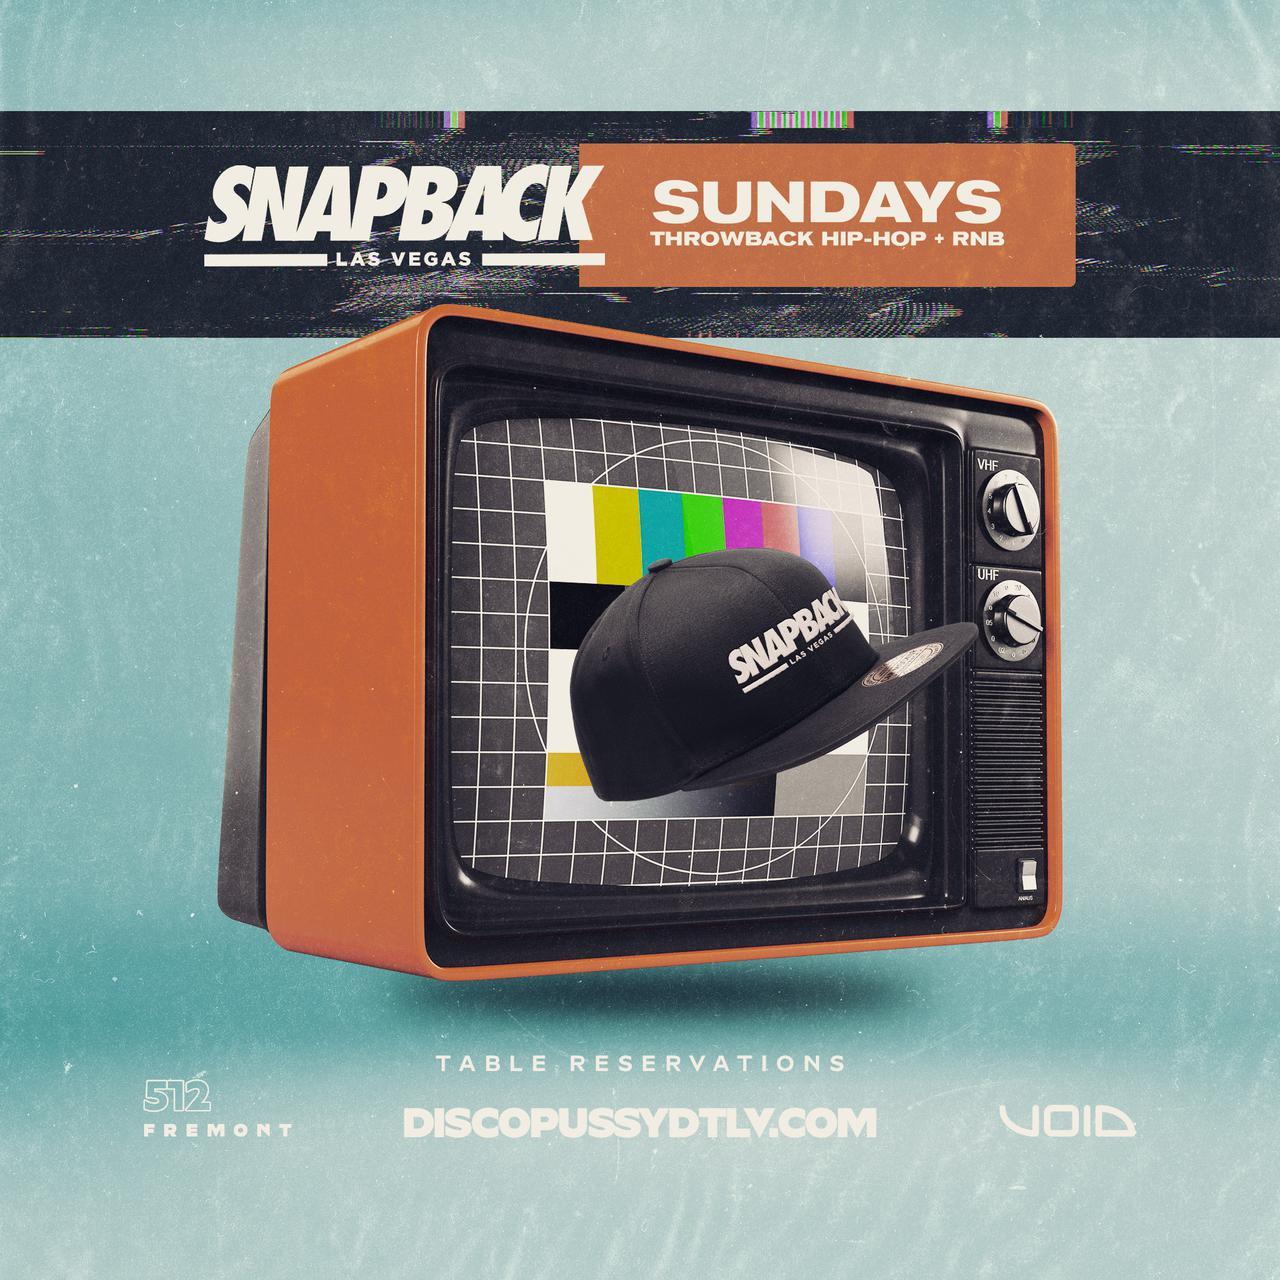 Snapback Sundays Las Vegas